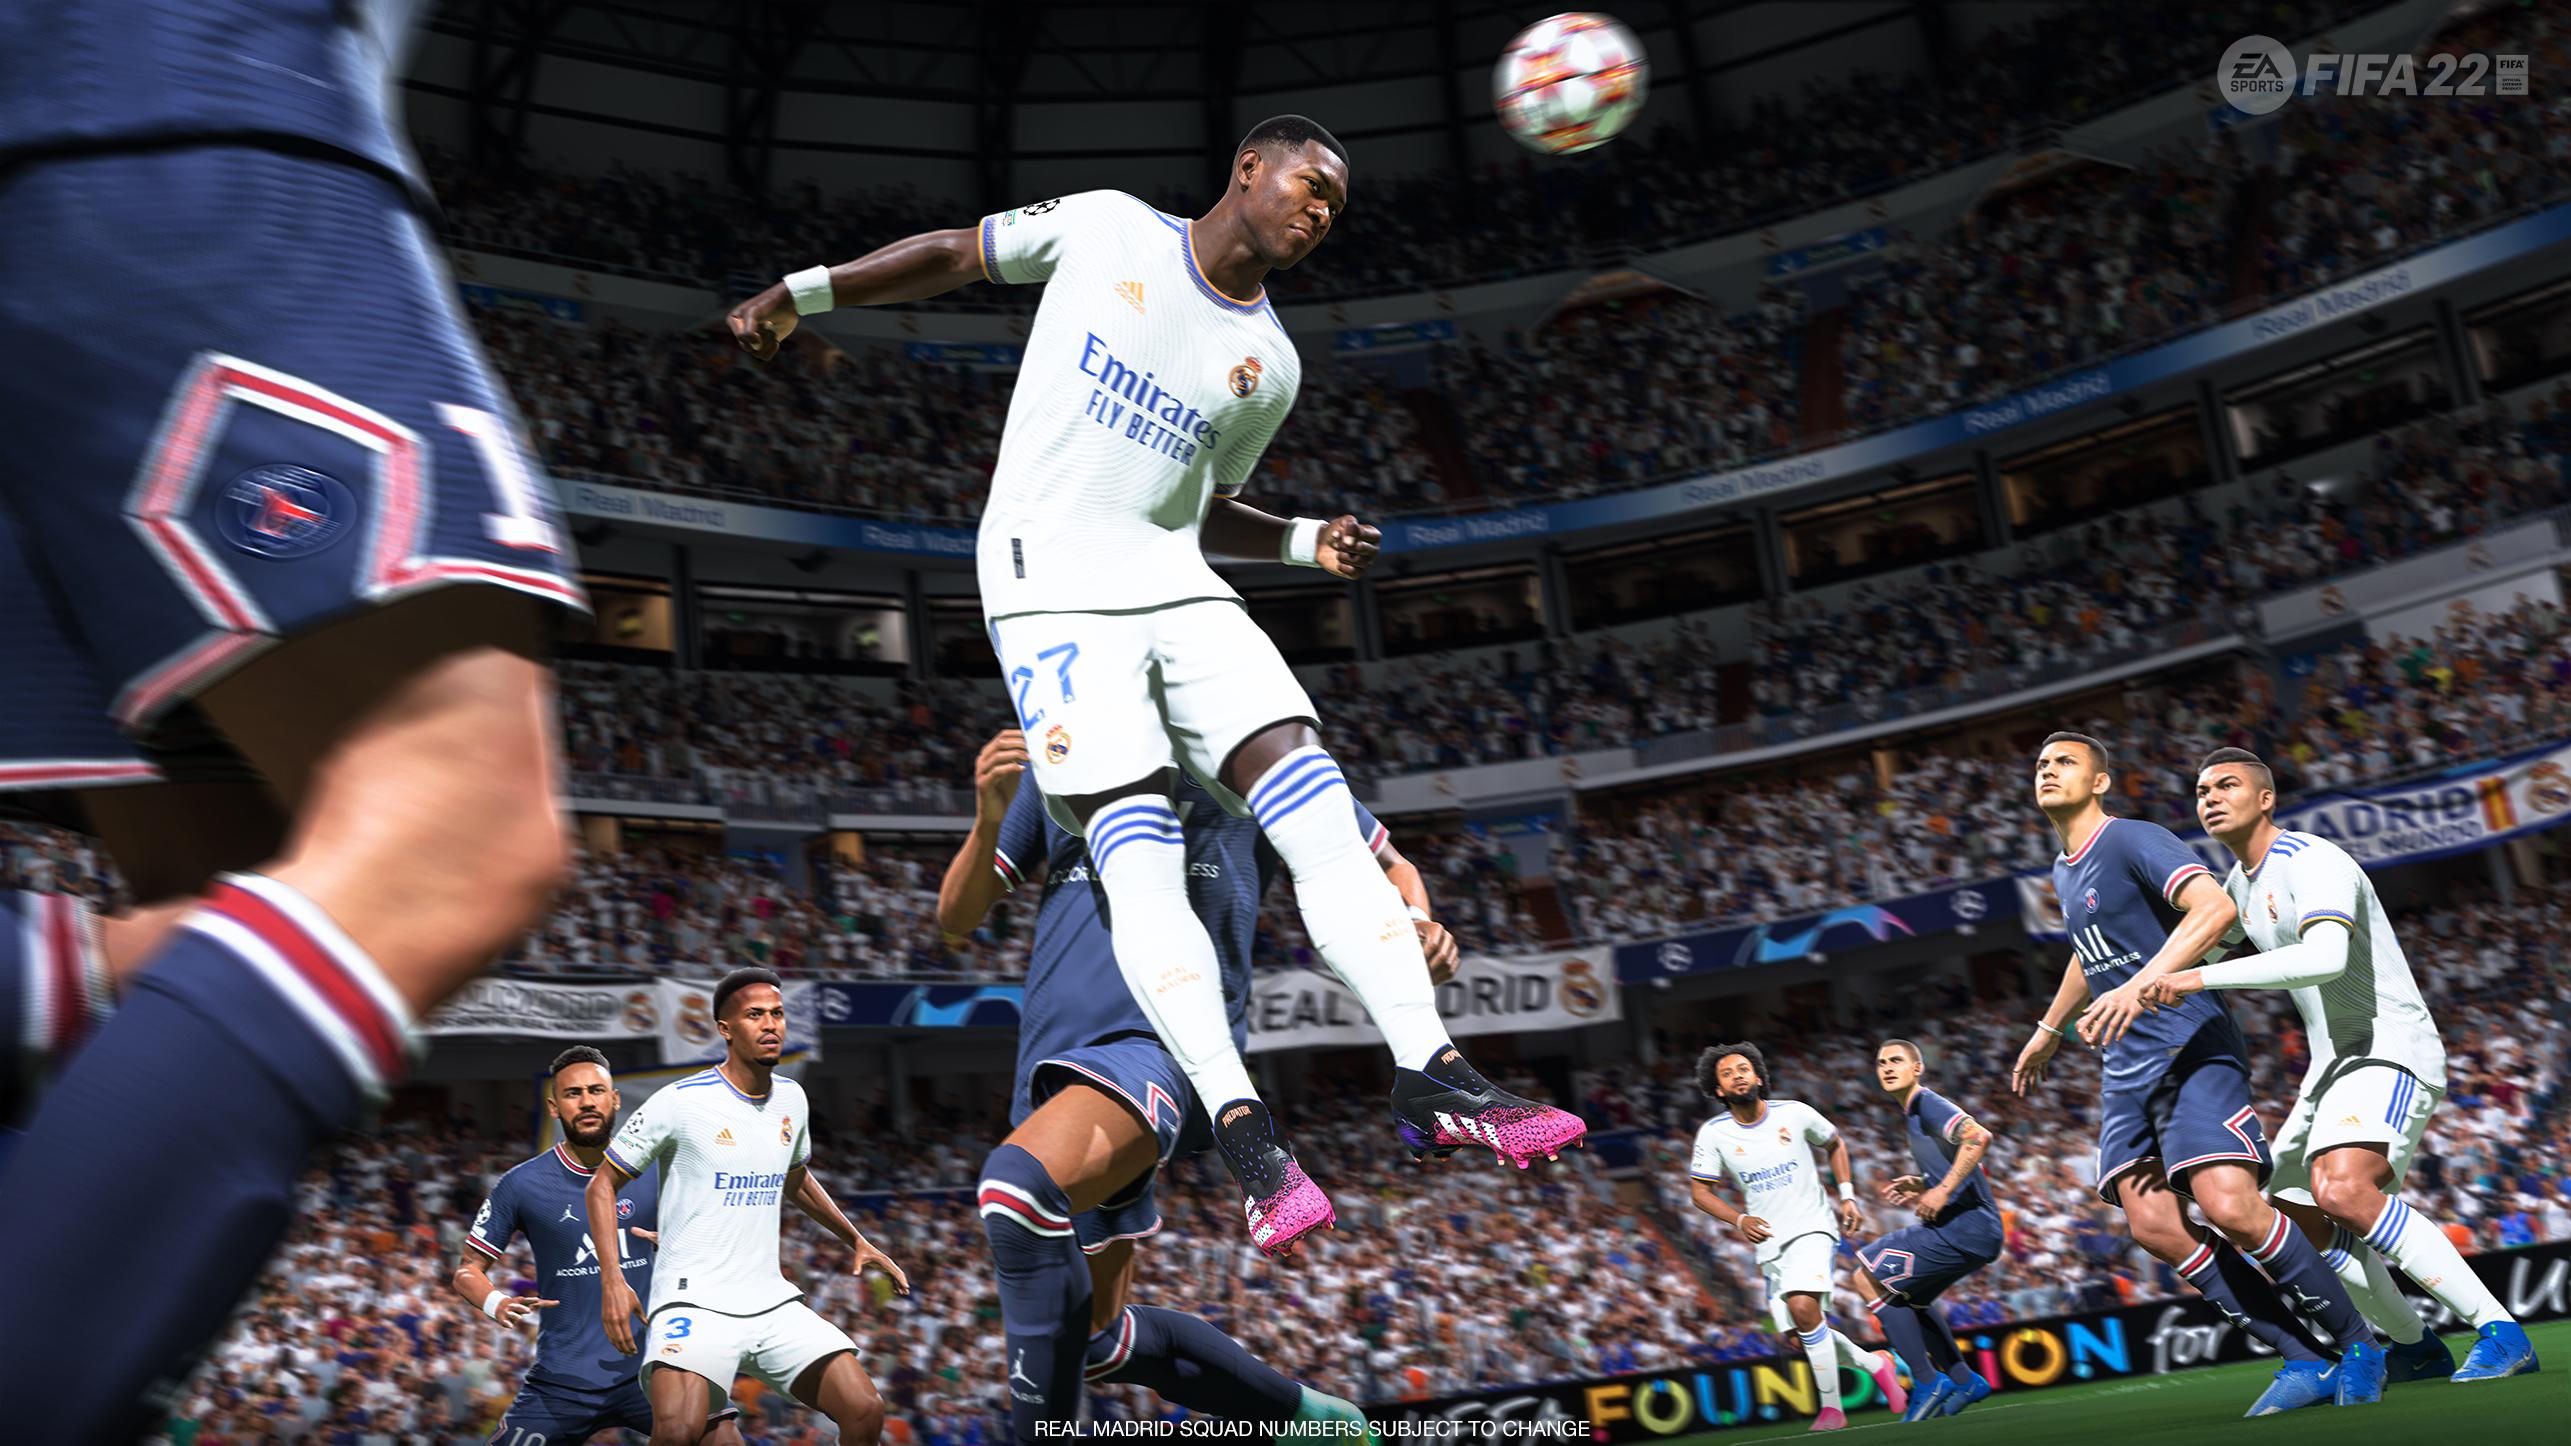 Zo word jij de beste speler in FIFA 22!